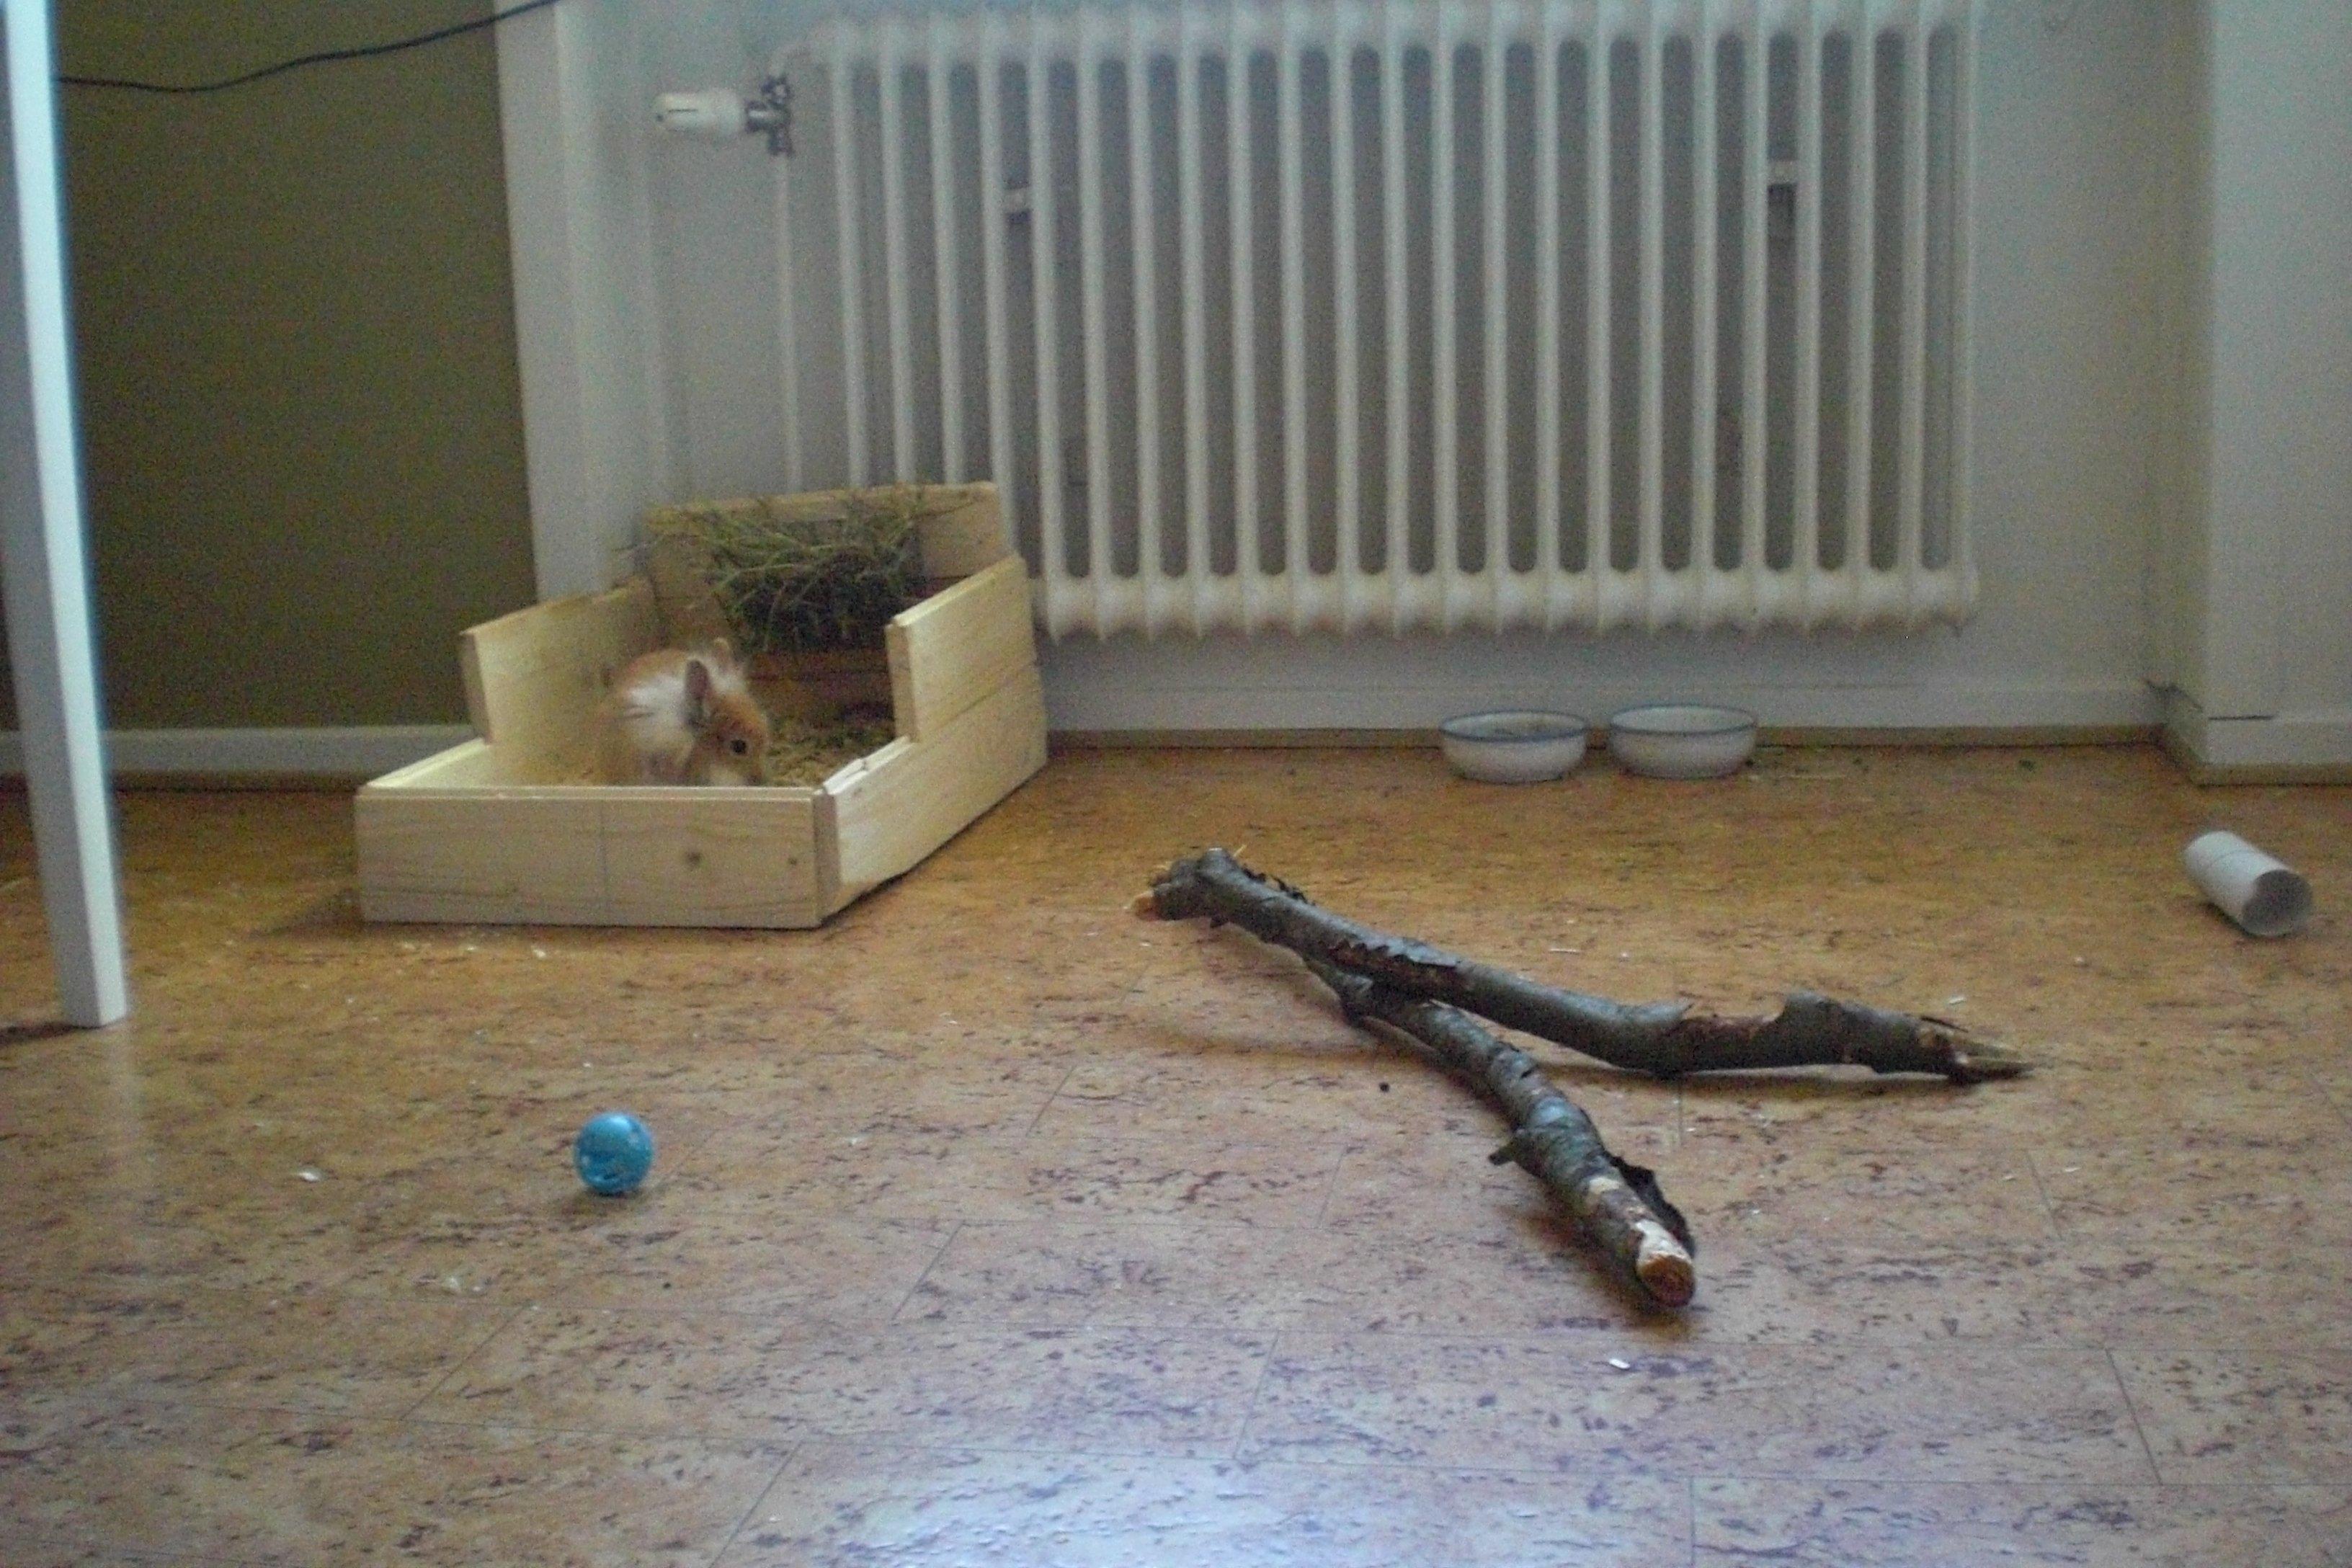 Frigående innekaniner   bur och aktivering   kanin ifokus